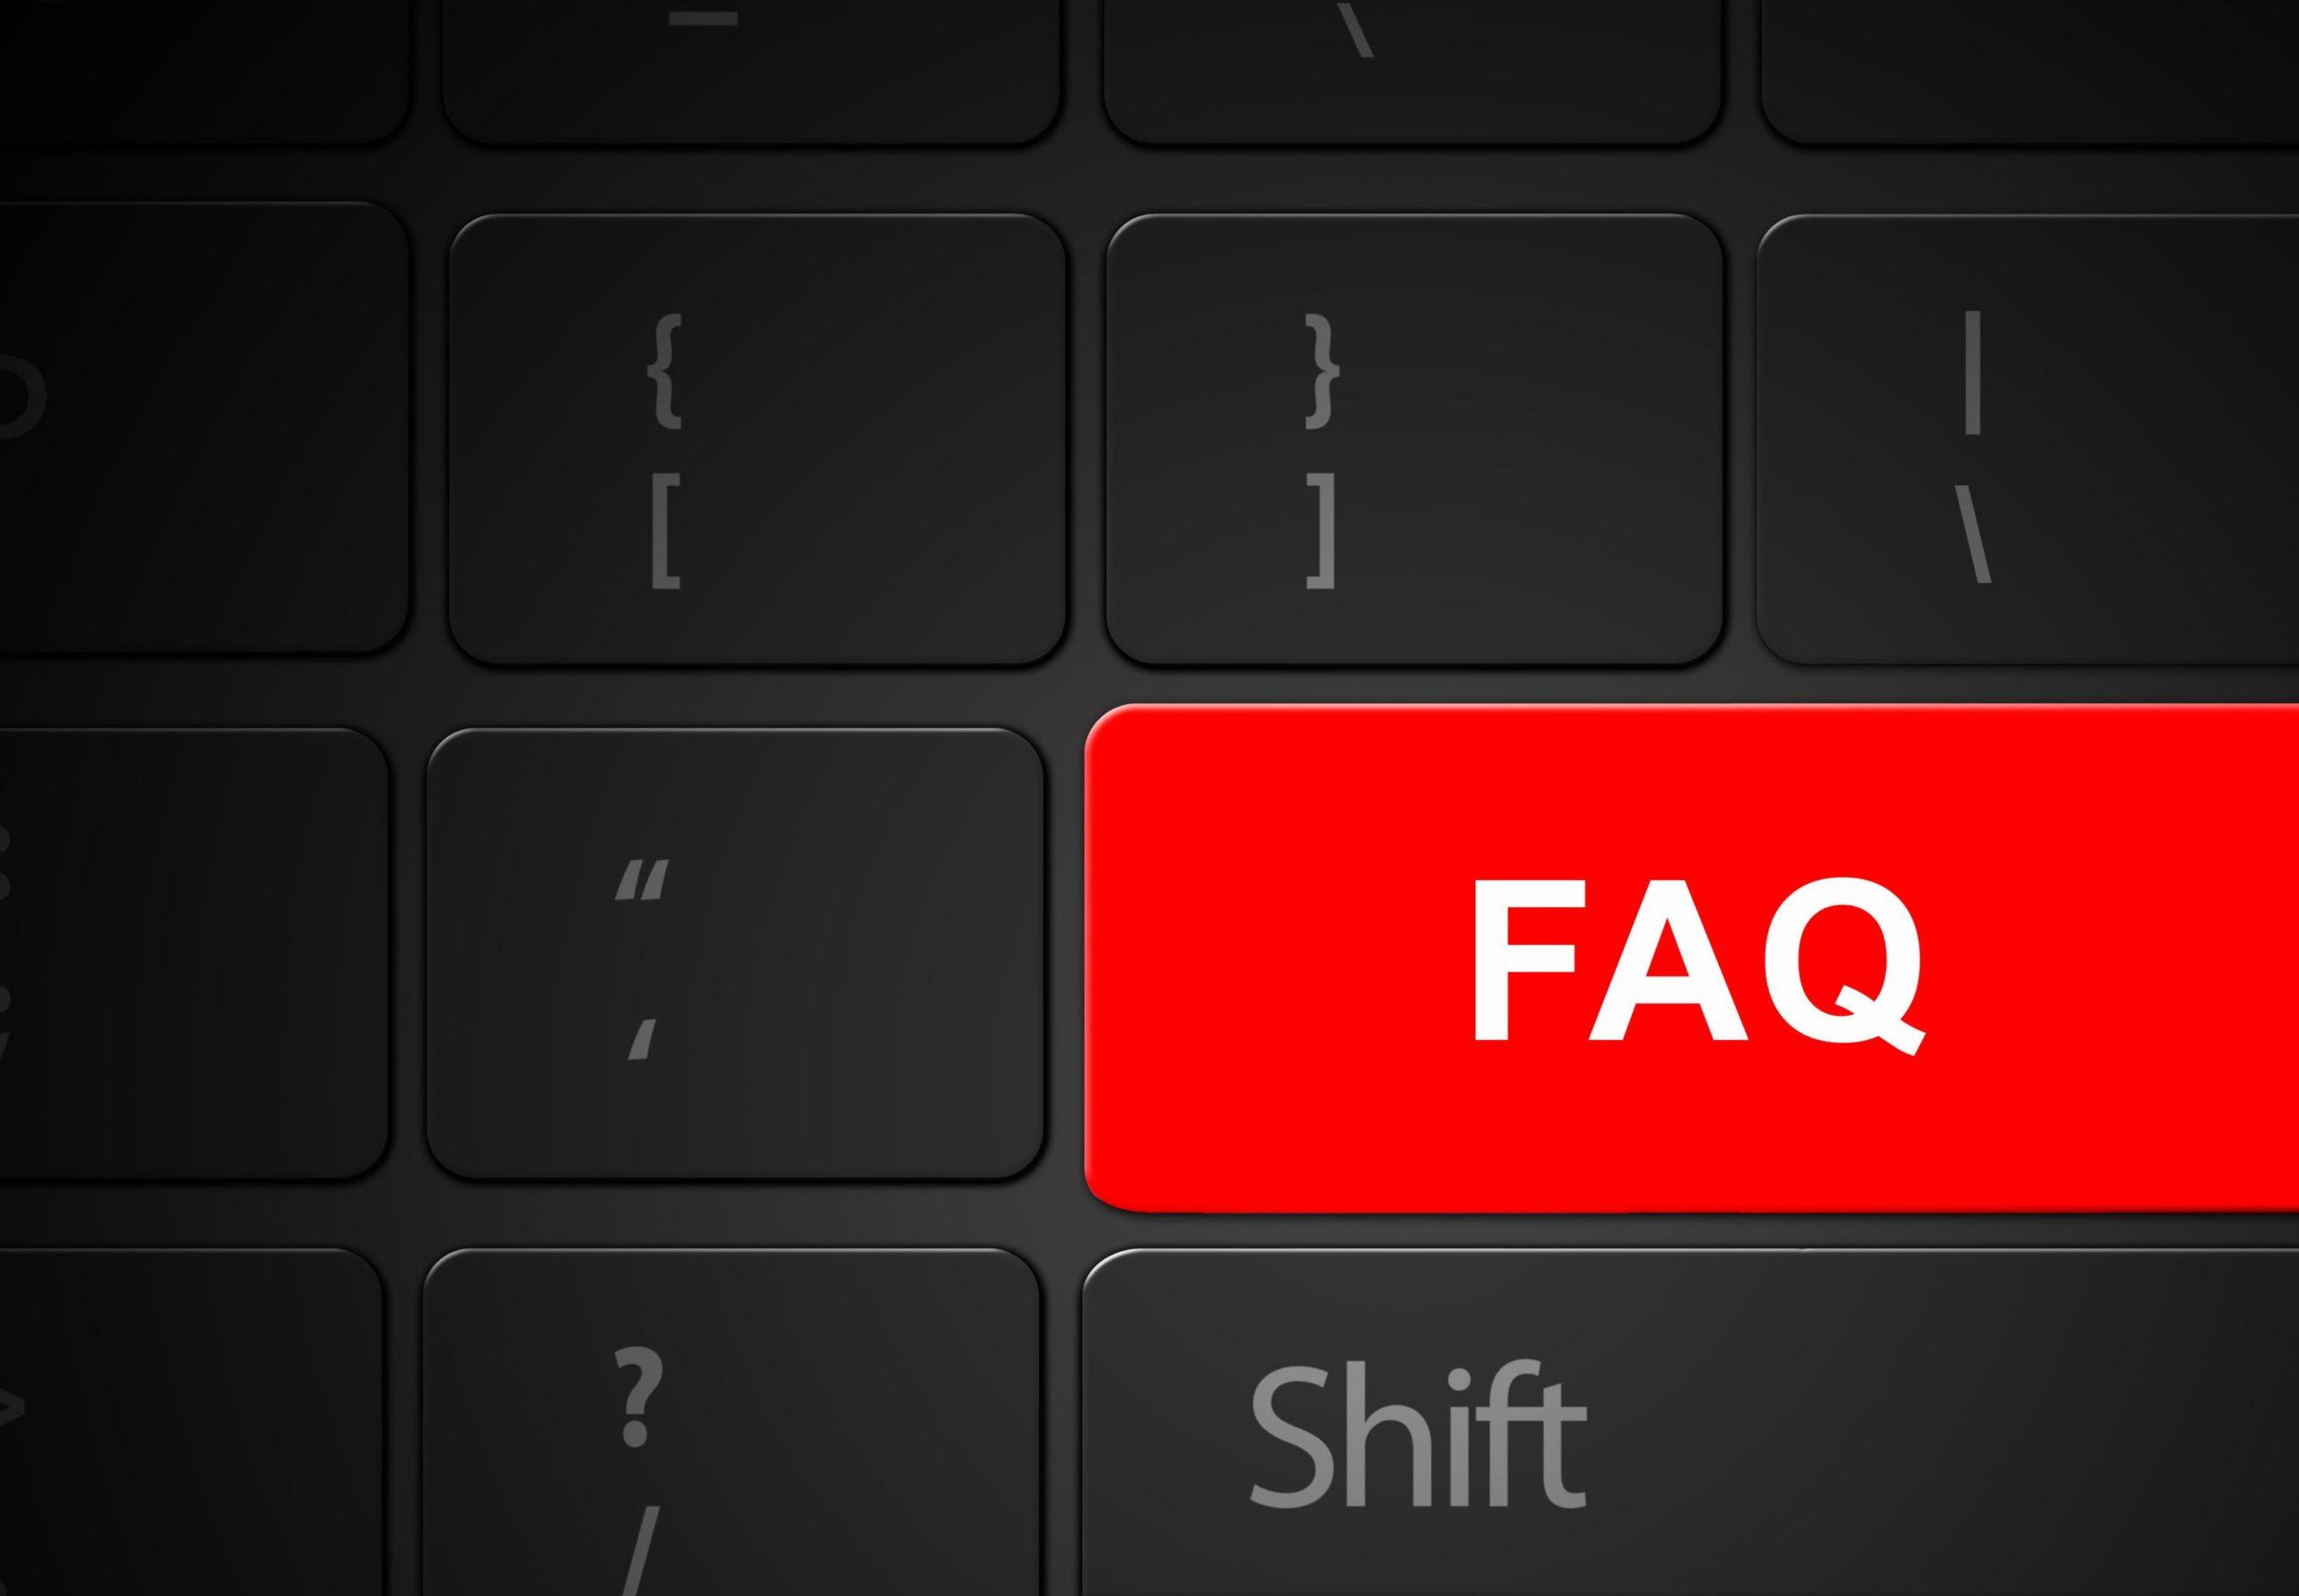 FAQ https://images.pexels.com/photos/1360328/pexels-photo-1360328.jpeg